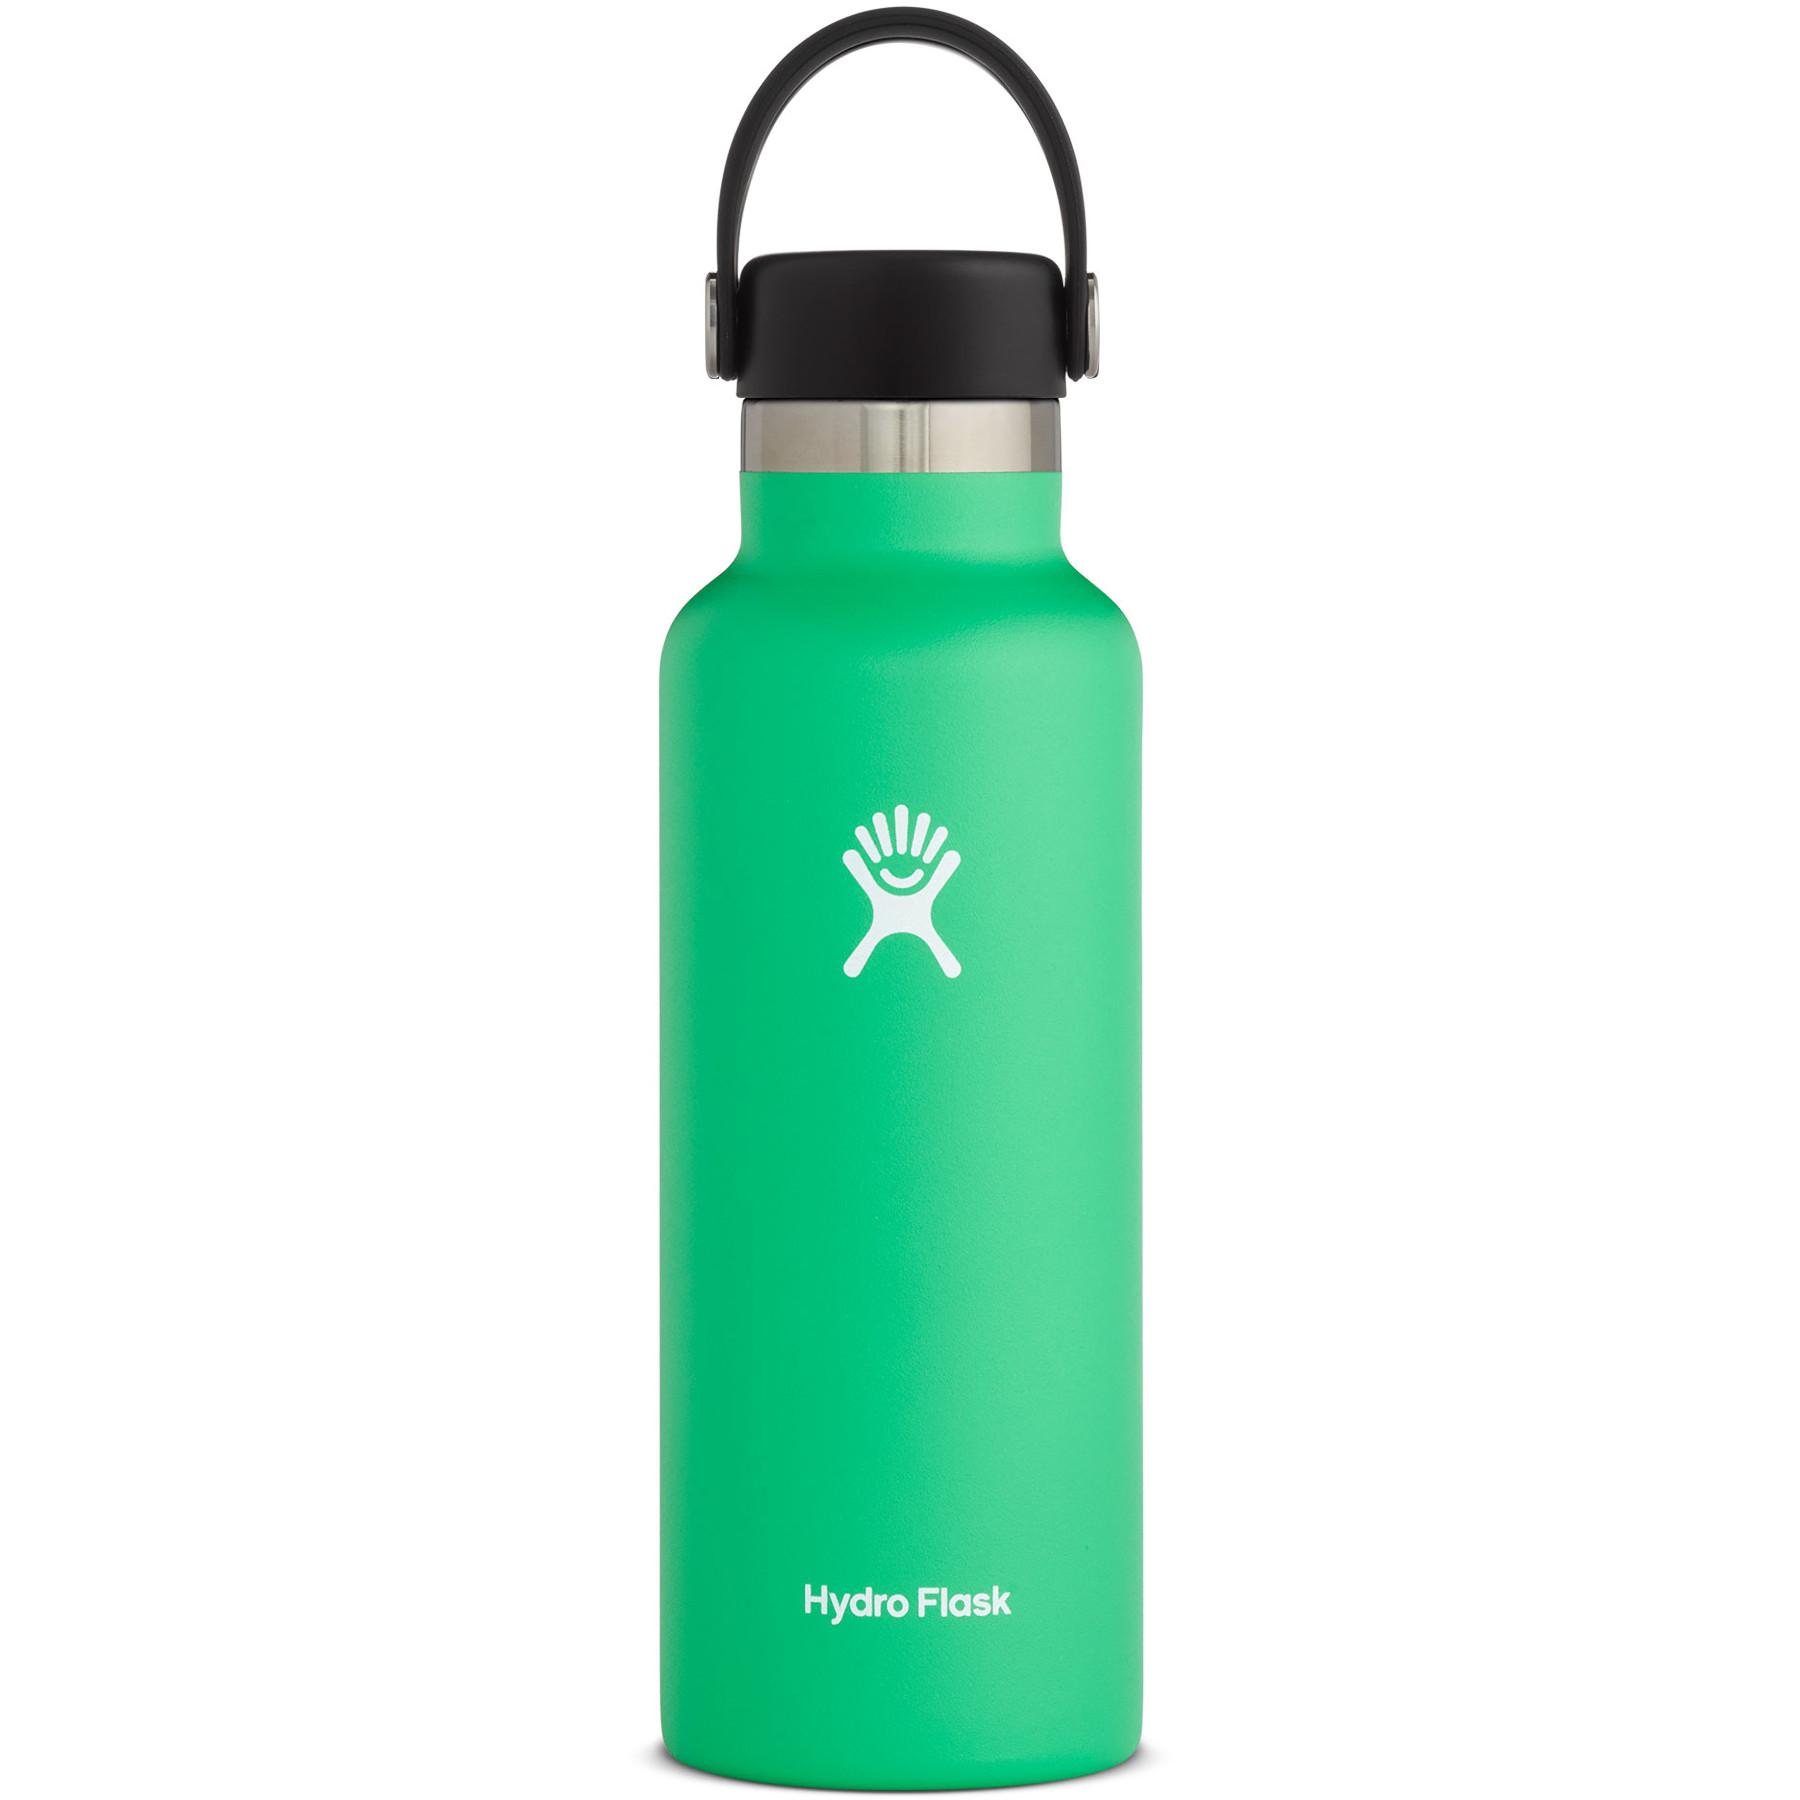 Produktbild von Hydro Flask 18 oz Standard Mouth Flex Cap Thermoflasche 532ml - Spearmint